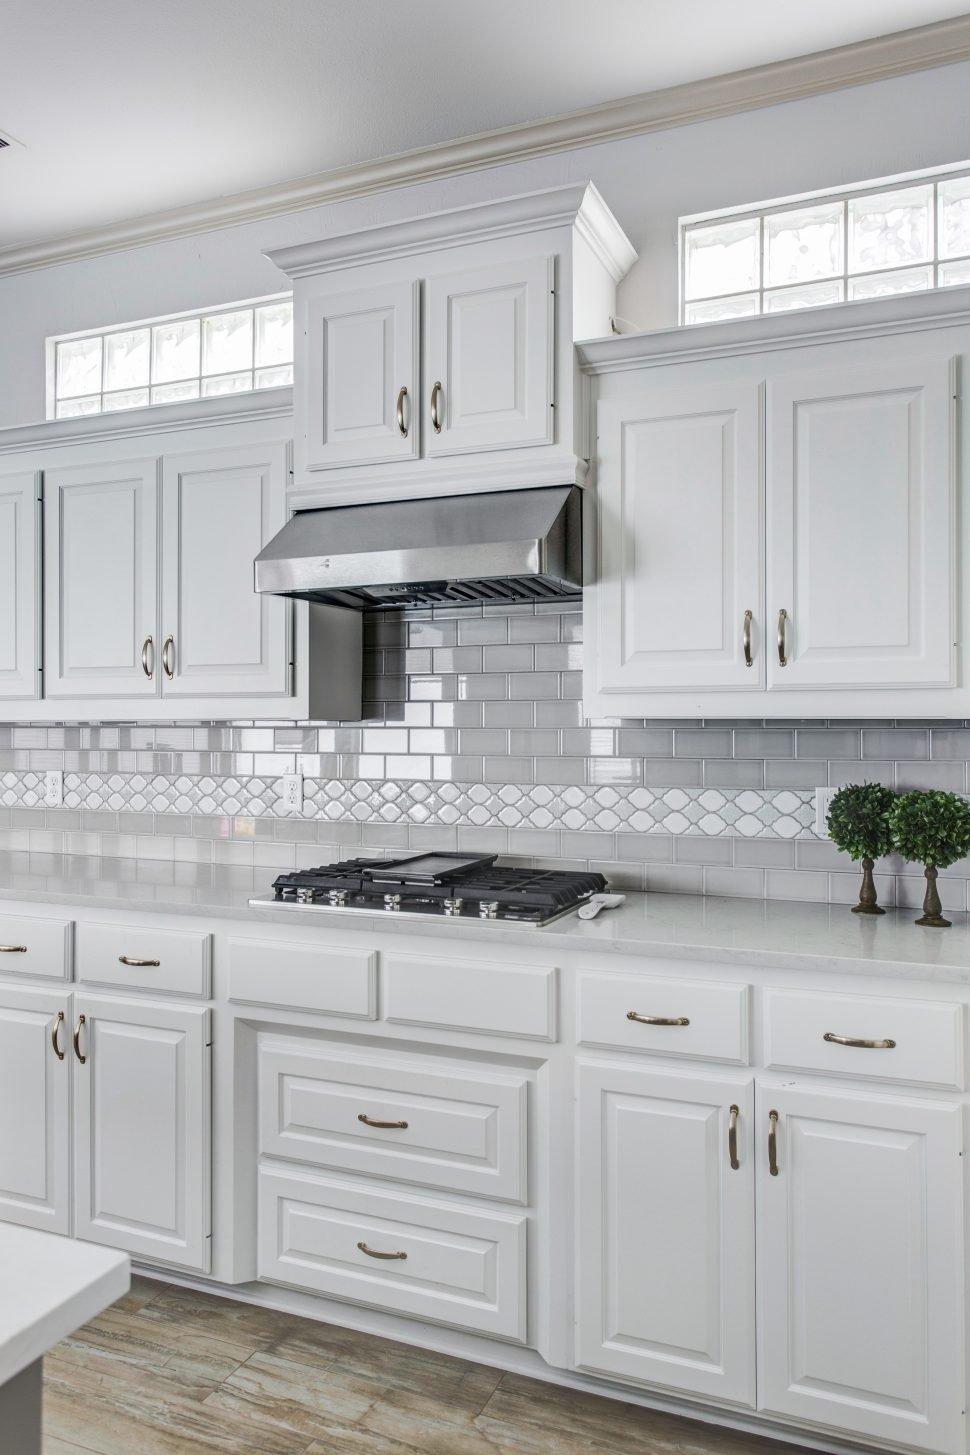 10 Unique Backsplash Ideas For White Cabinets launching backsplash ideas with white cabinets modern kitchen tile 2021